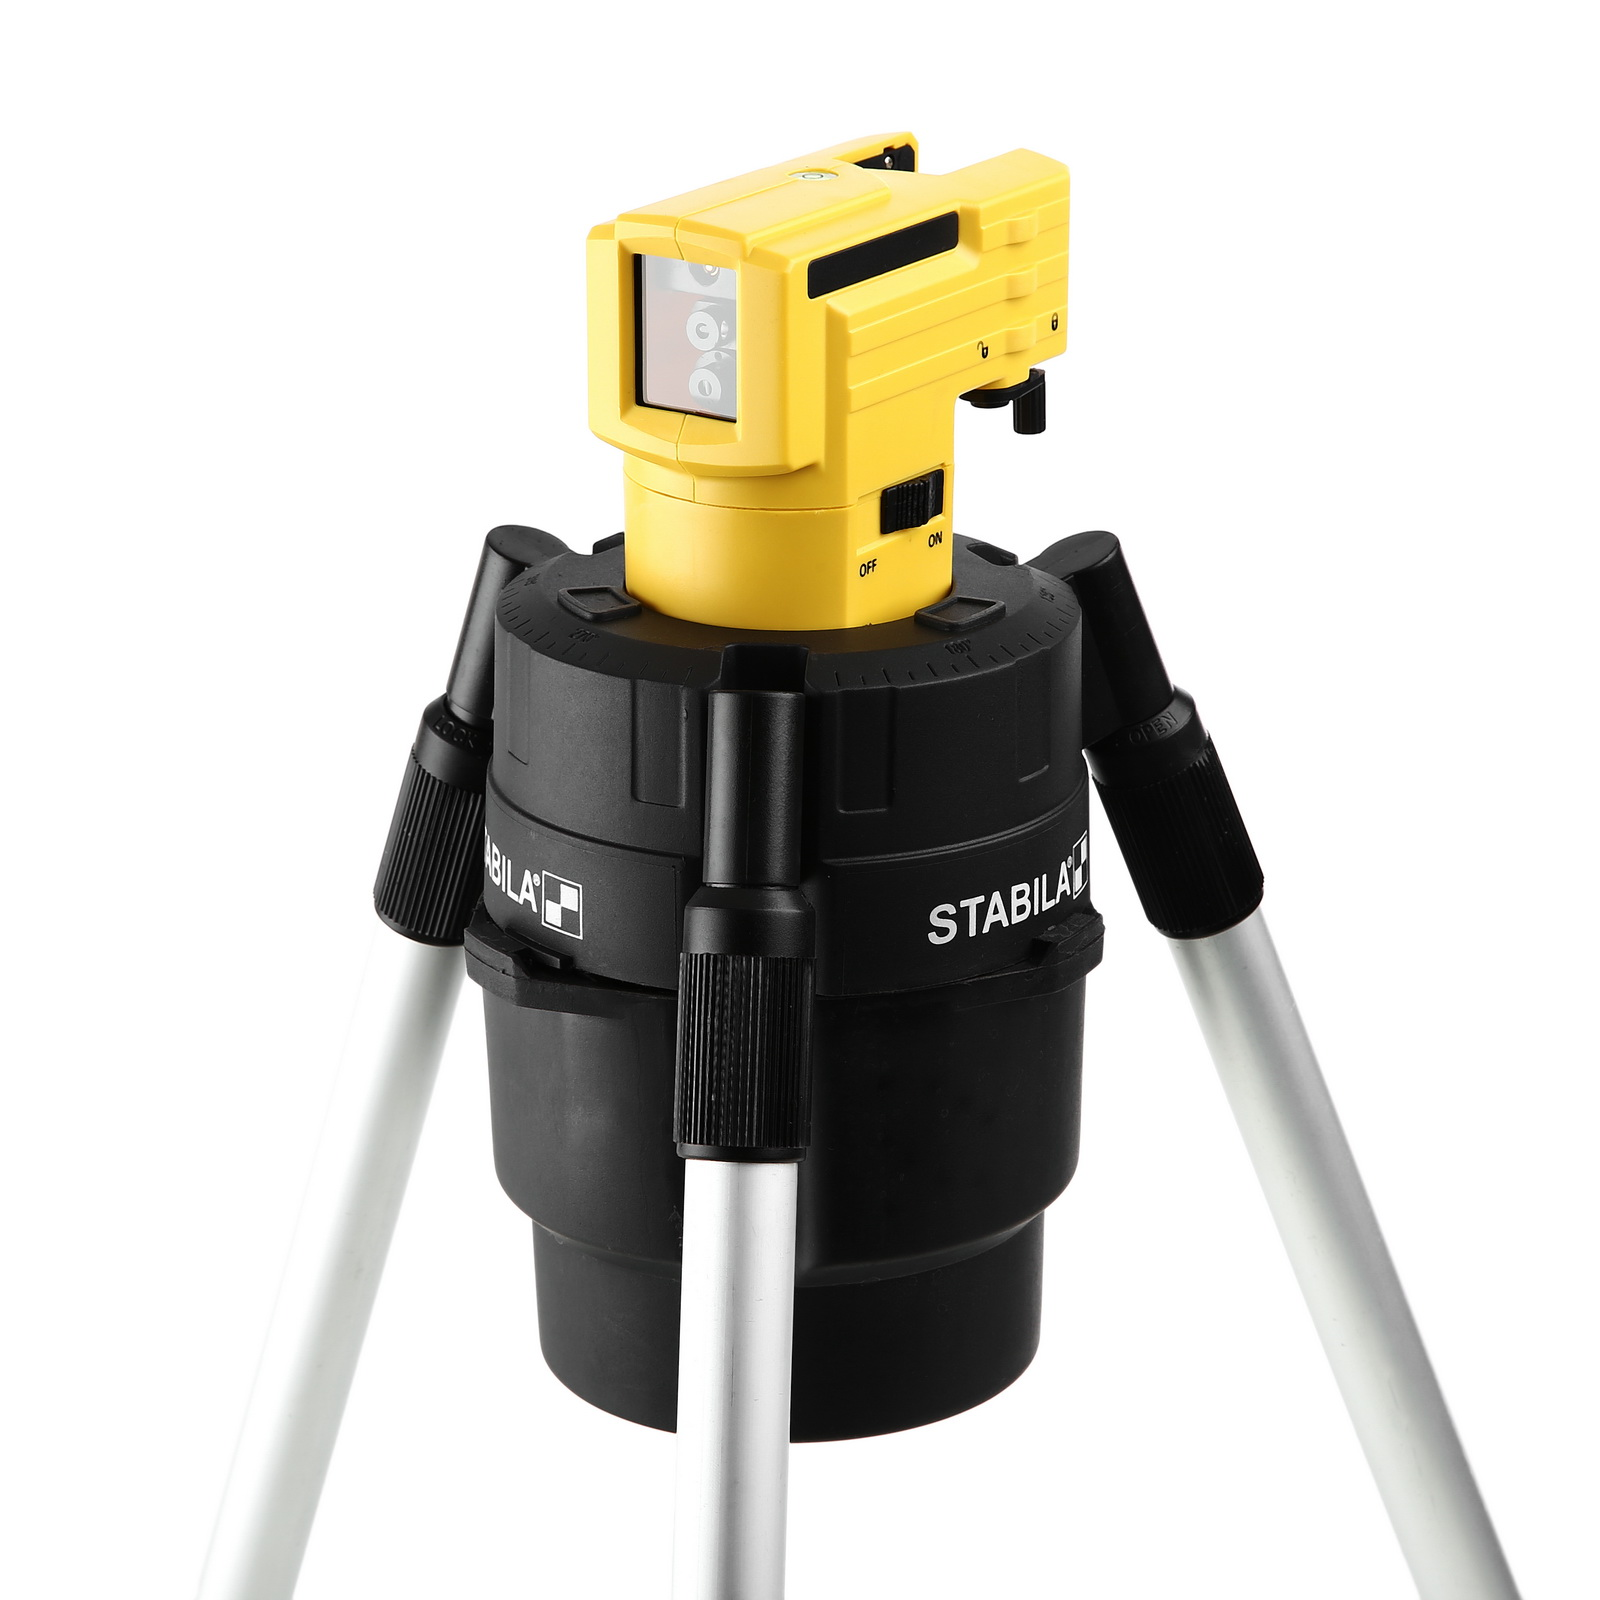 Уровень Stabila Lax 50  уровень нивелир лазерный lax 50 – штатив 10 м stabila стандарт